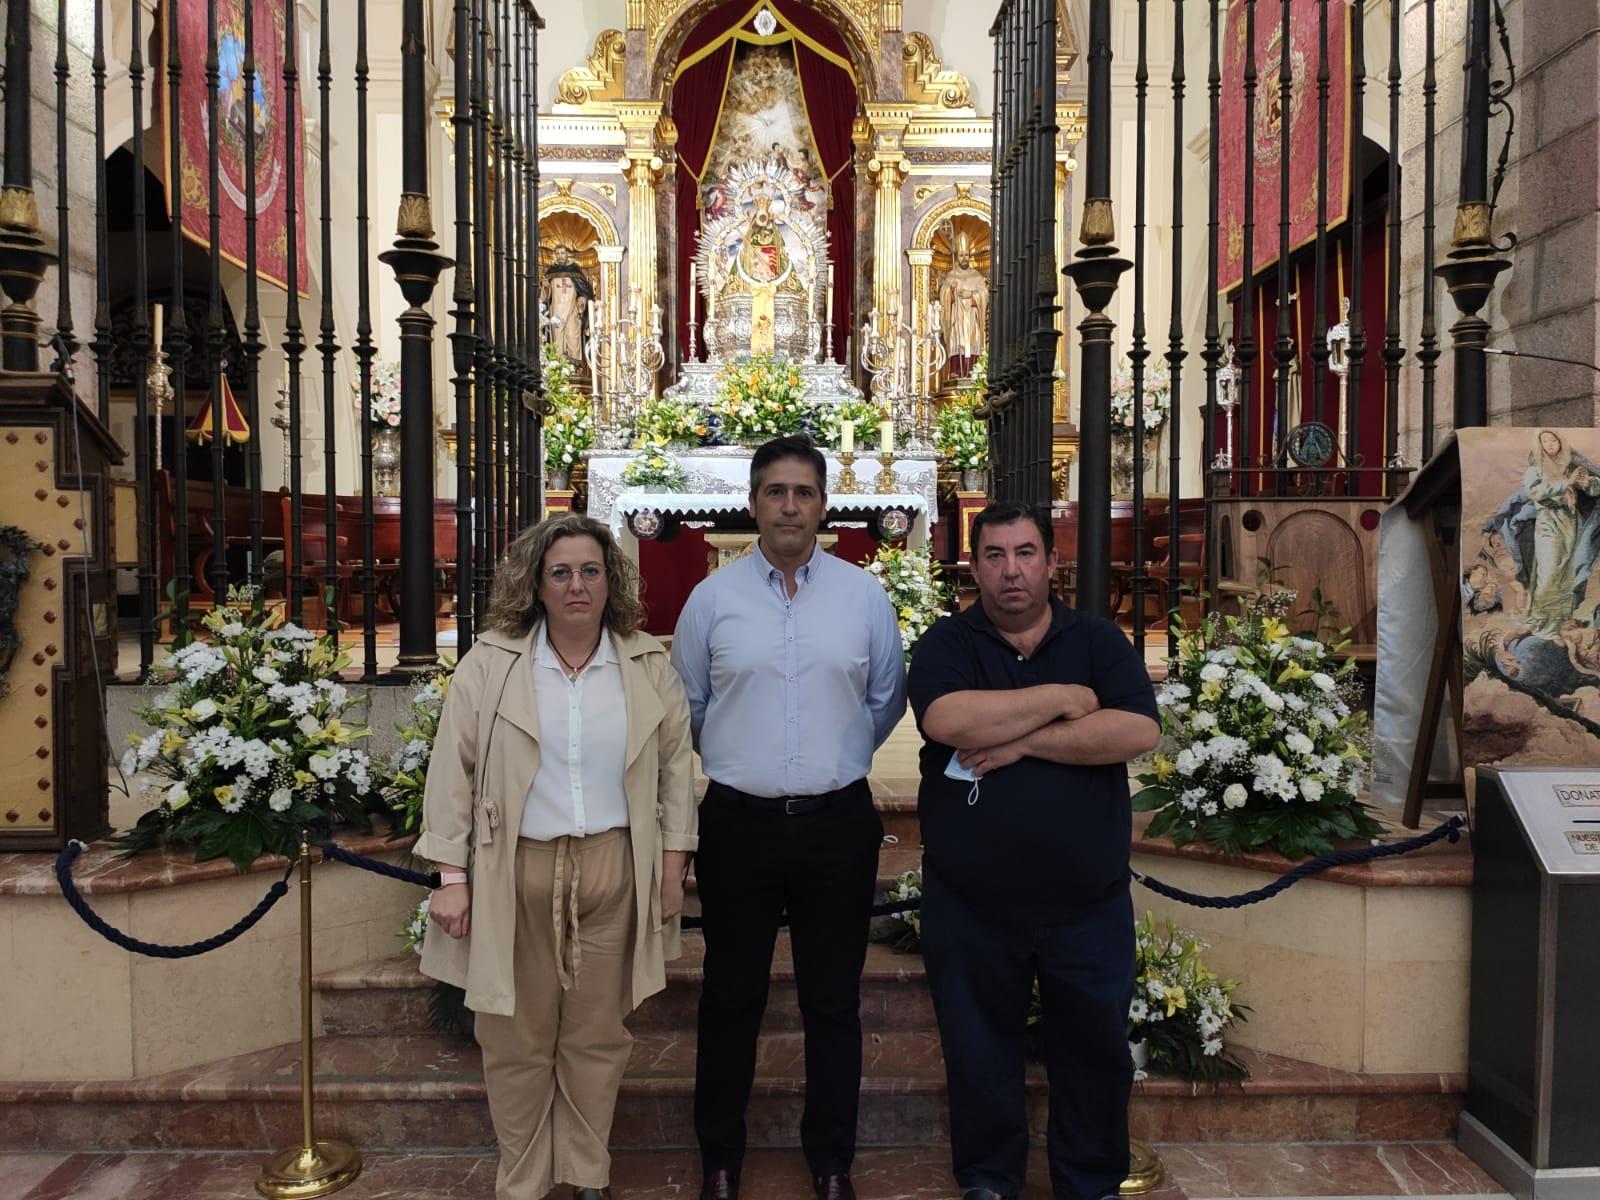 Ángel Soto, Guillermo Cervera y Silvia Herrero completan una terna a los comicios en la Cofradía Matriz